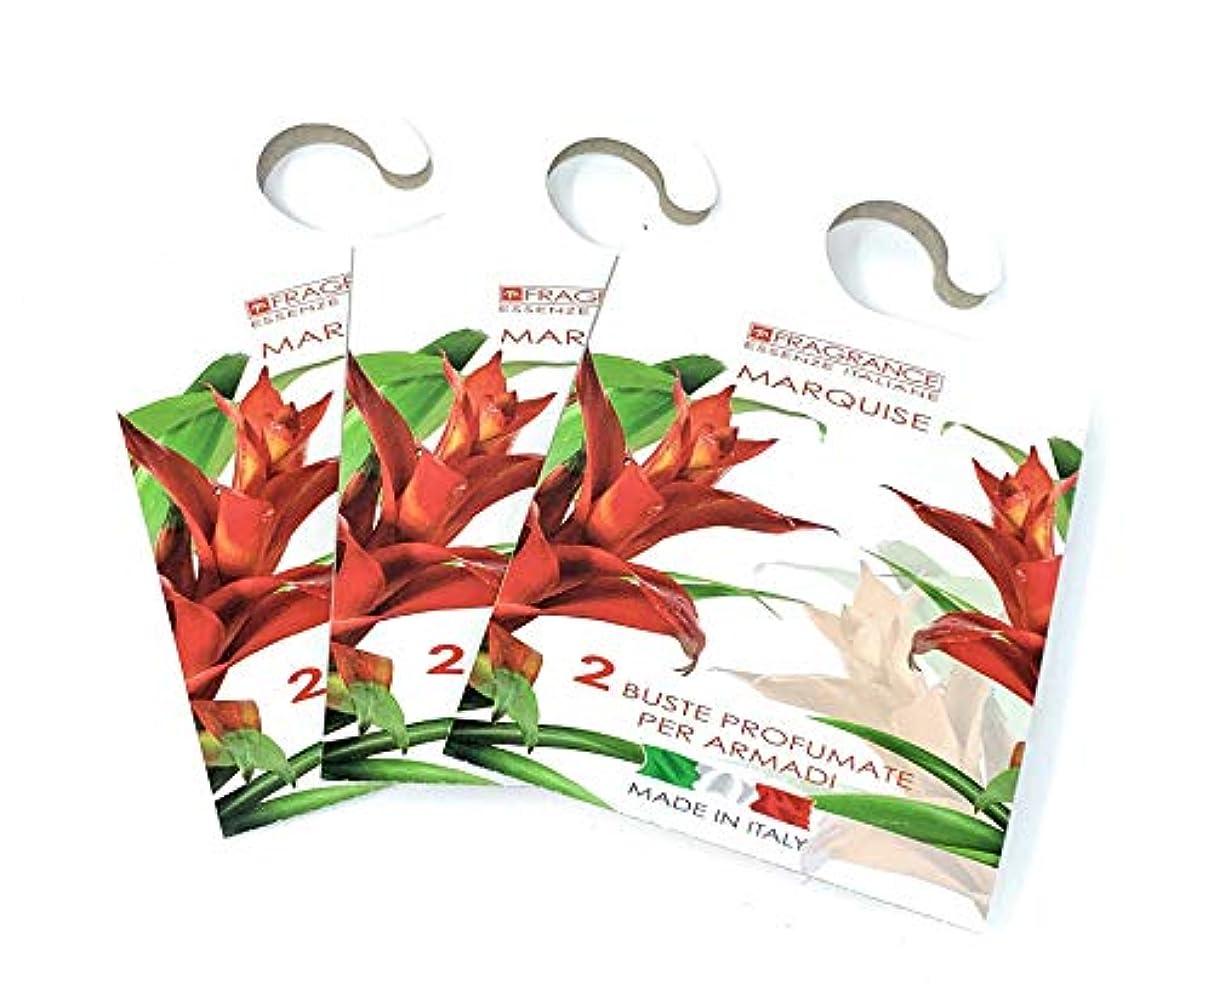 最後のコンソール醸造所MERCURY ITALY 吊り下げるサシェ(香り袋) FIOREALE イタリア製 マルキーズの香り/MARQUISE 2枚入り×3パック [並行輸入品]